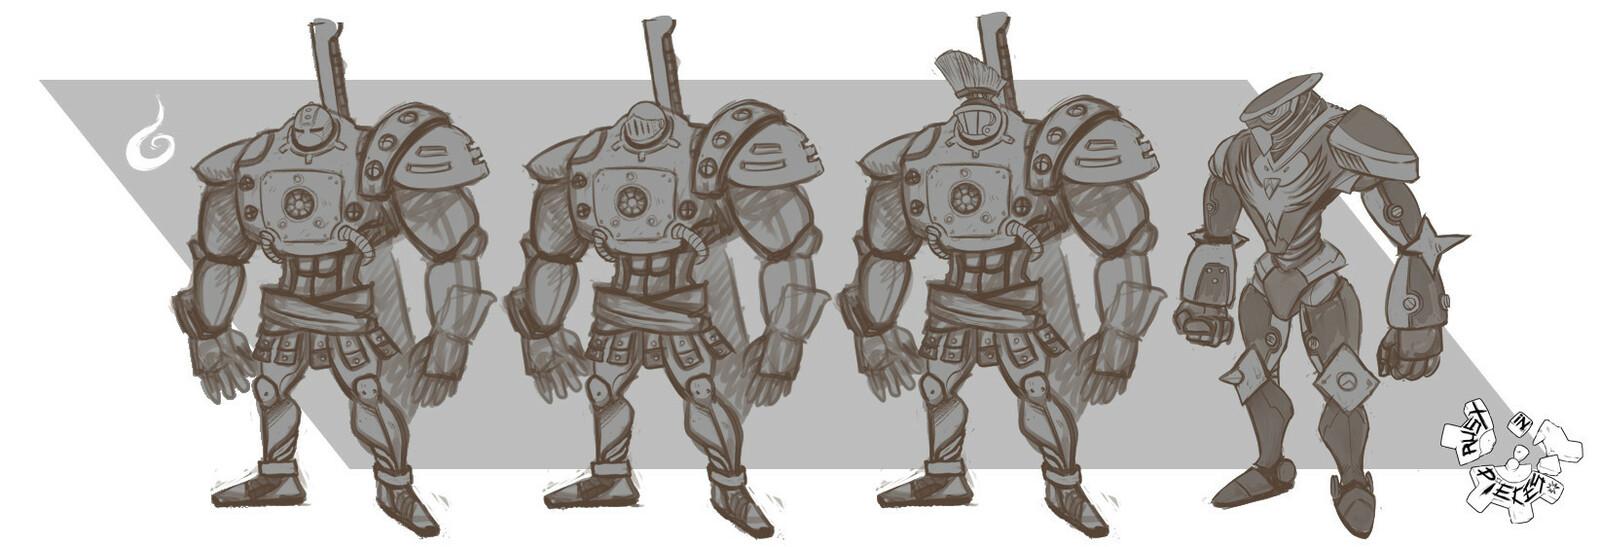 Warrior Sketches